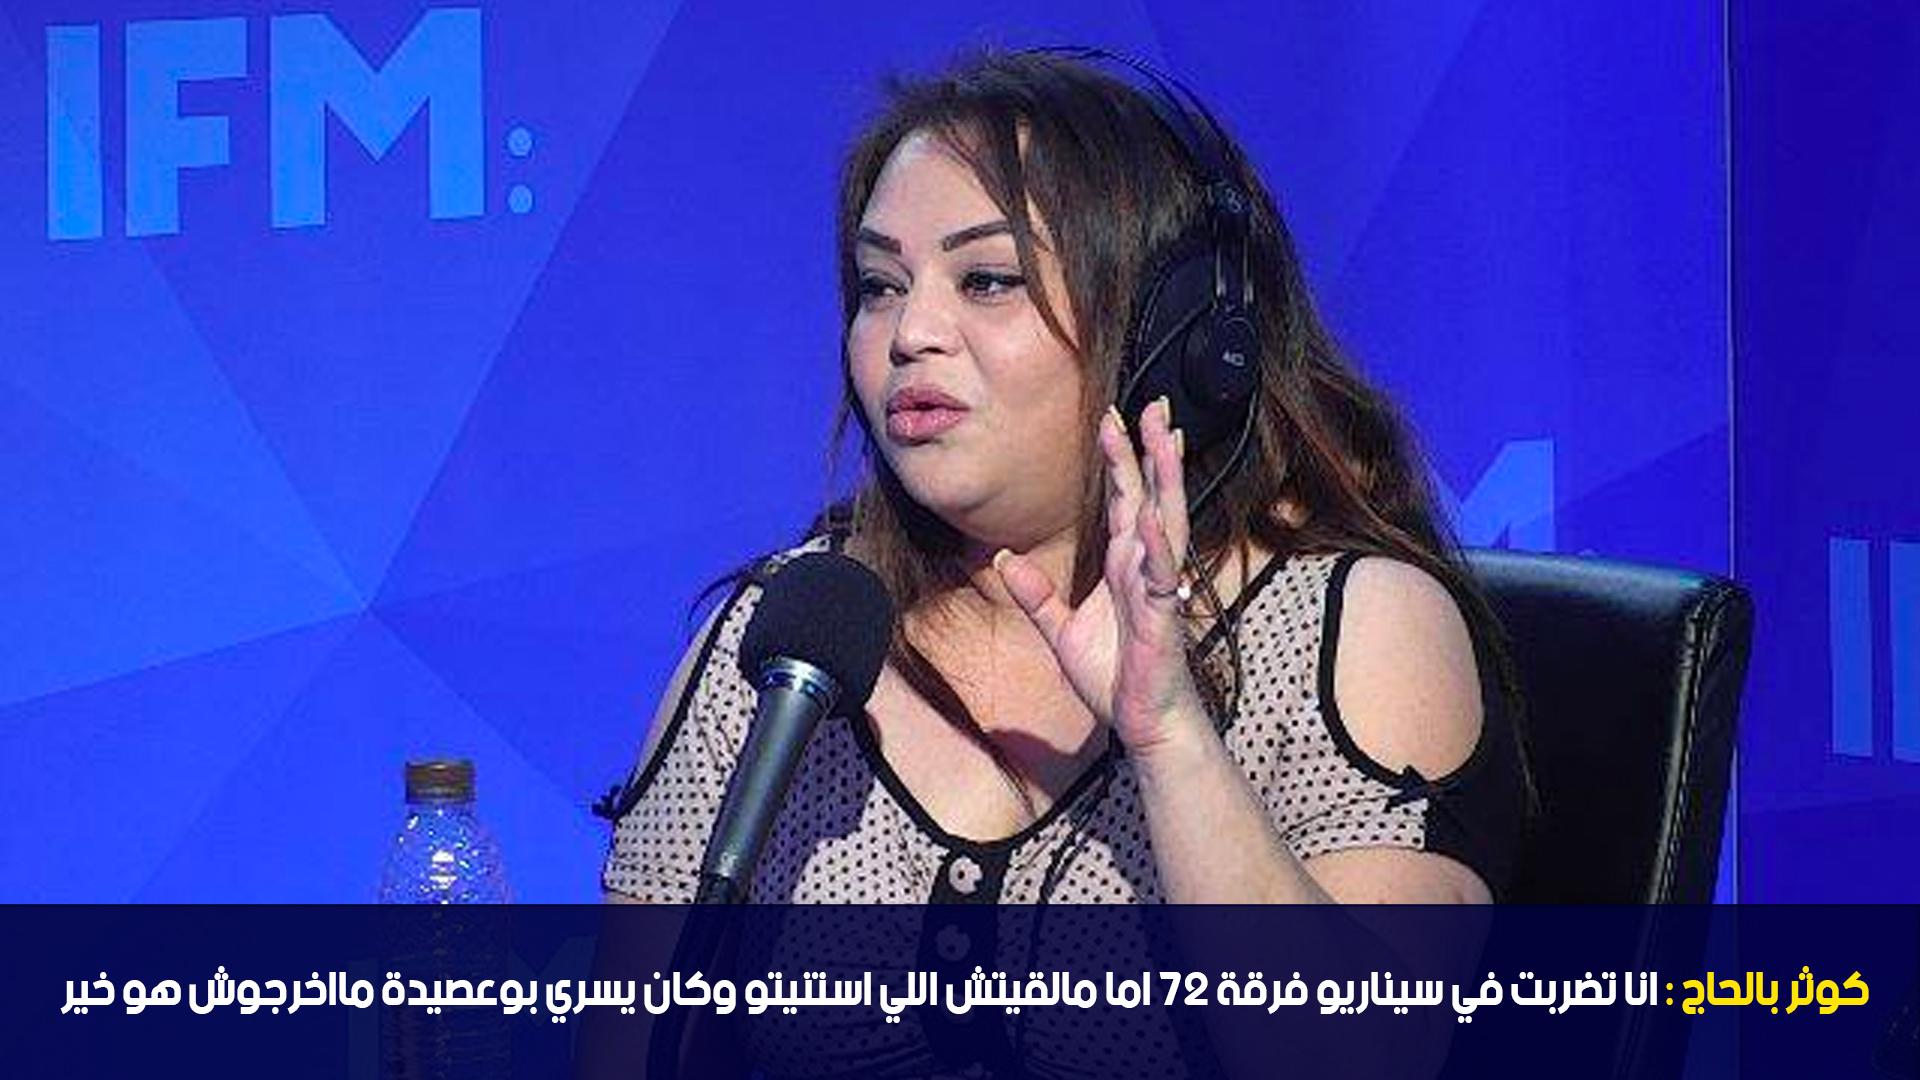 كوثر بالحاج:انا تضربت في سيناريو فرقة 27 اما مالقيتش اللي استنيتو وكان يسري بوعصيدة مااخرجوش هو خير